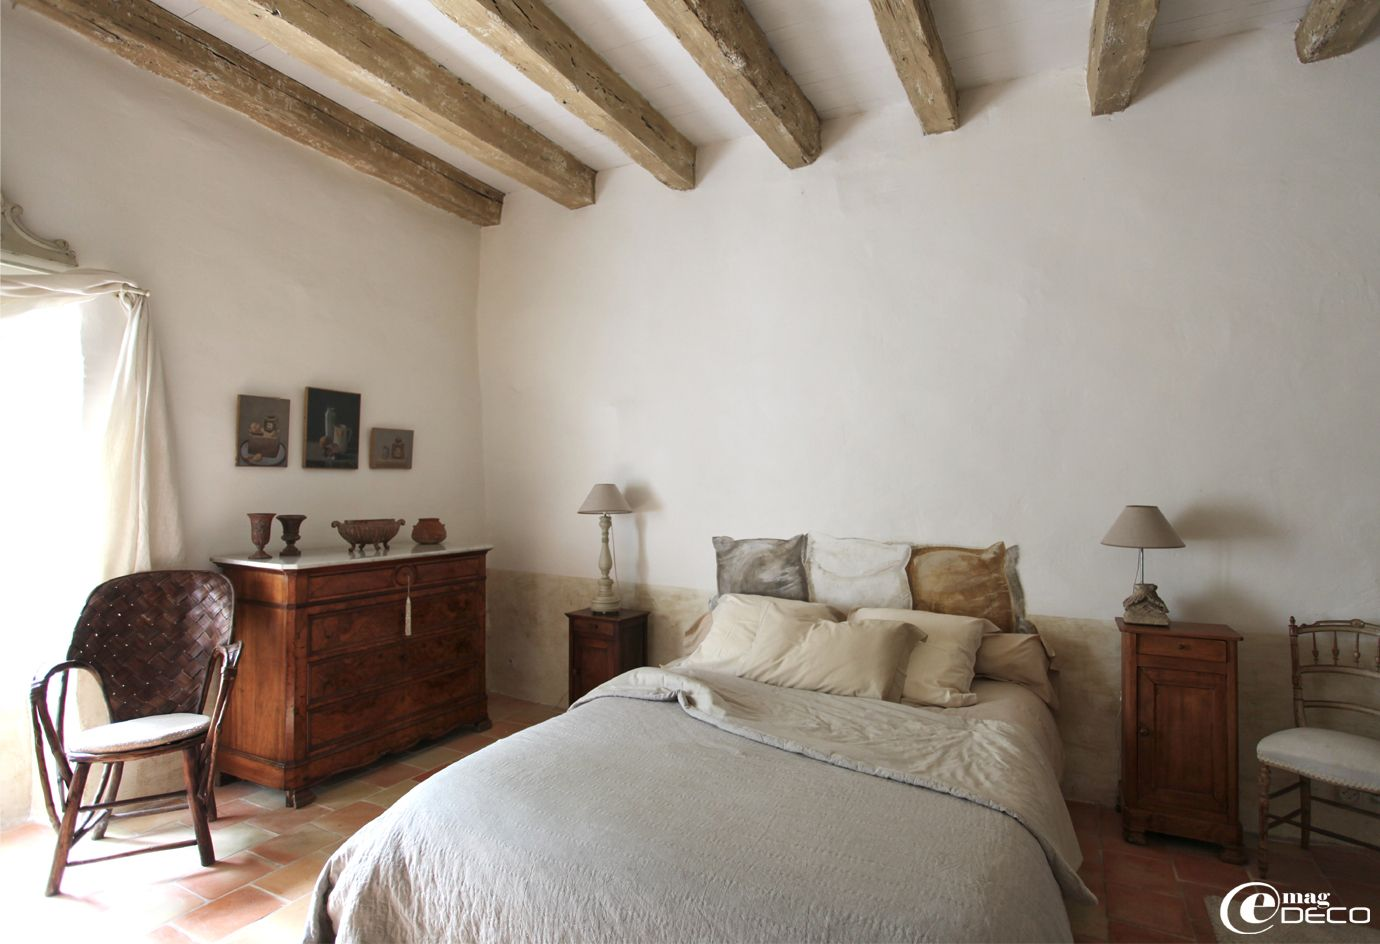 badigeon la chaux poutres blanchies dans une des. Black Bedroom Furniture Sets. Home Design Ideas